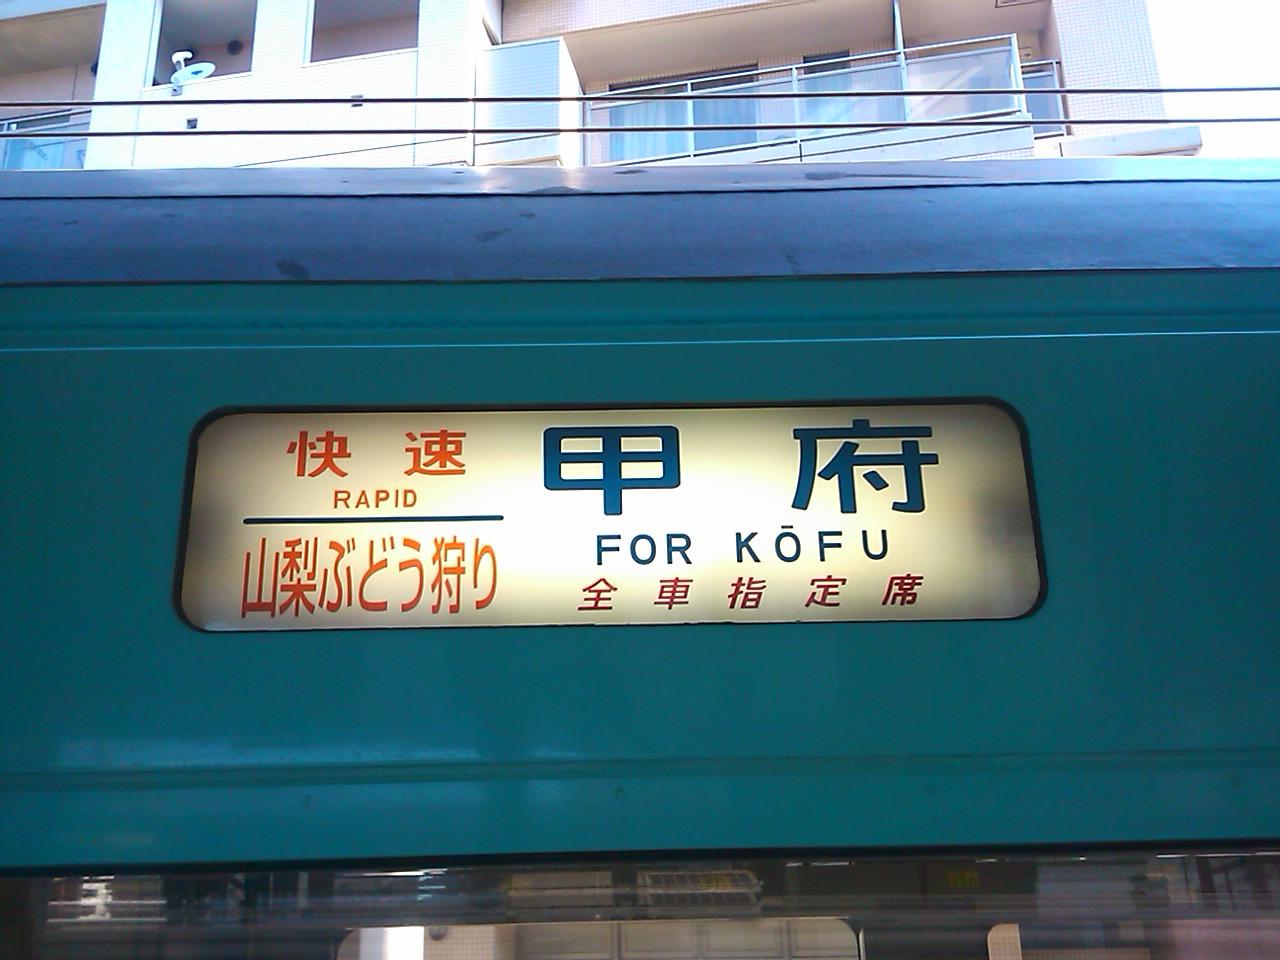 Sn3n0114